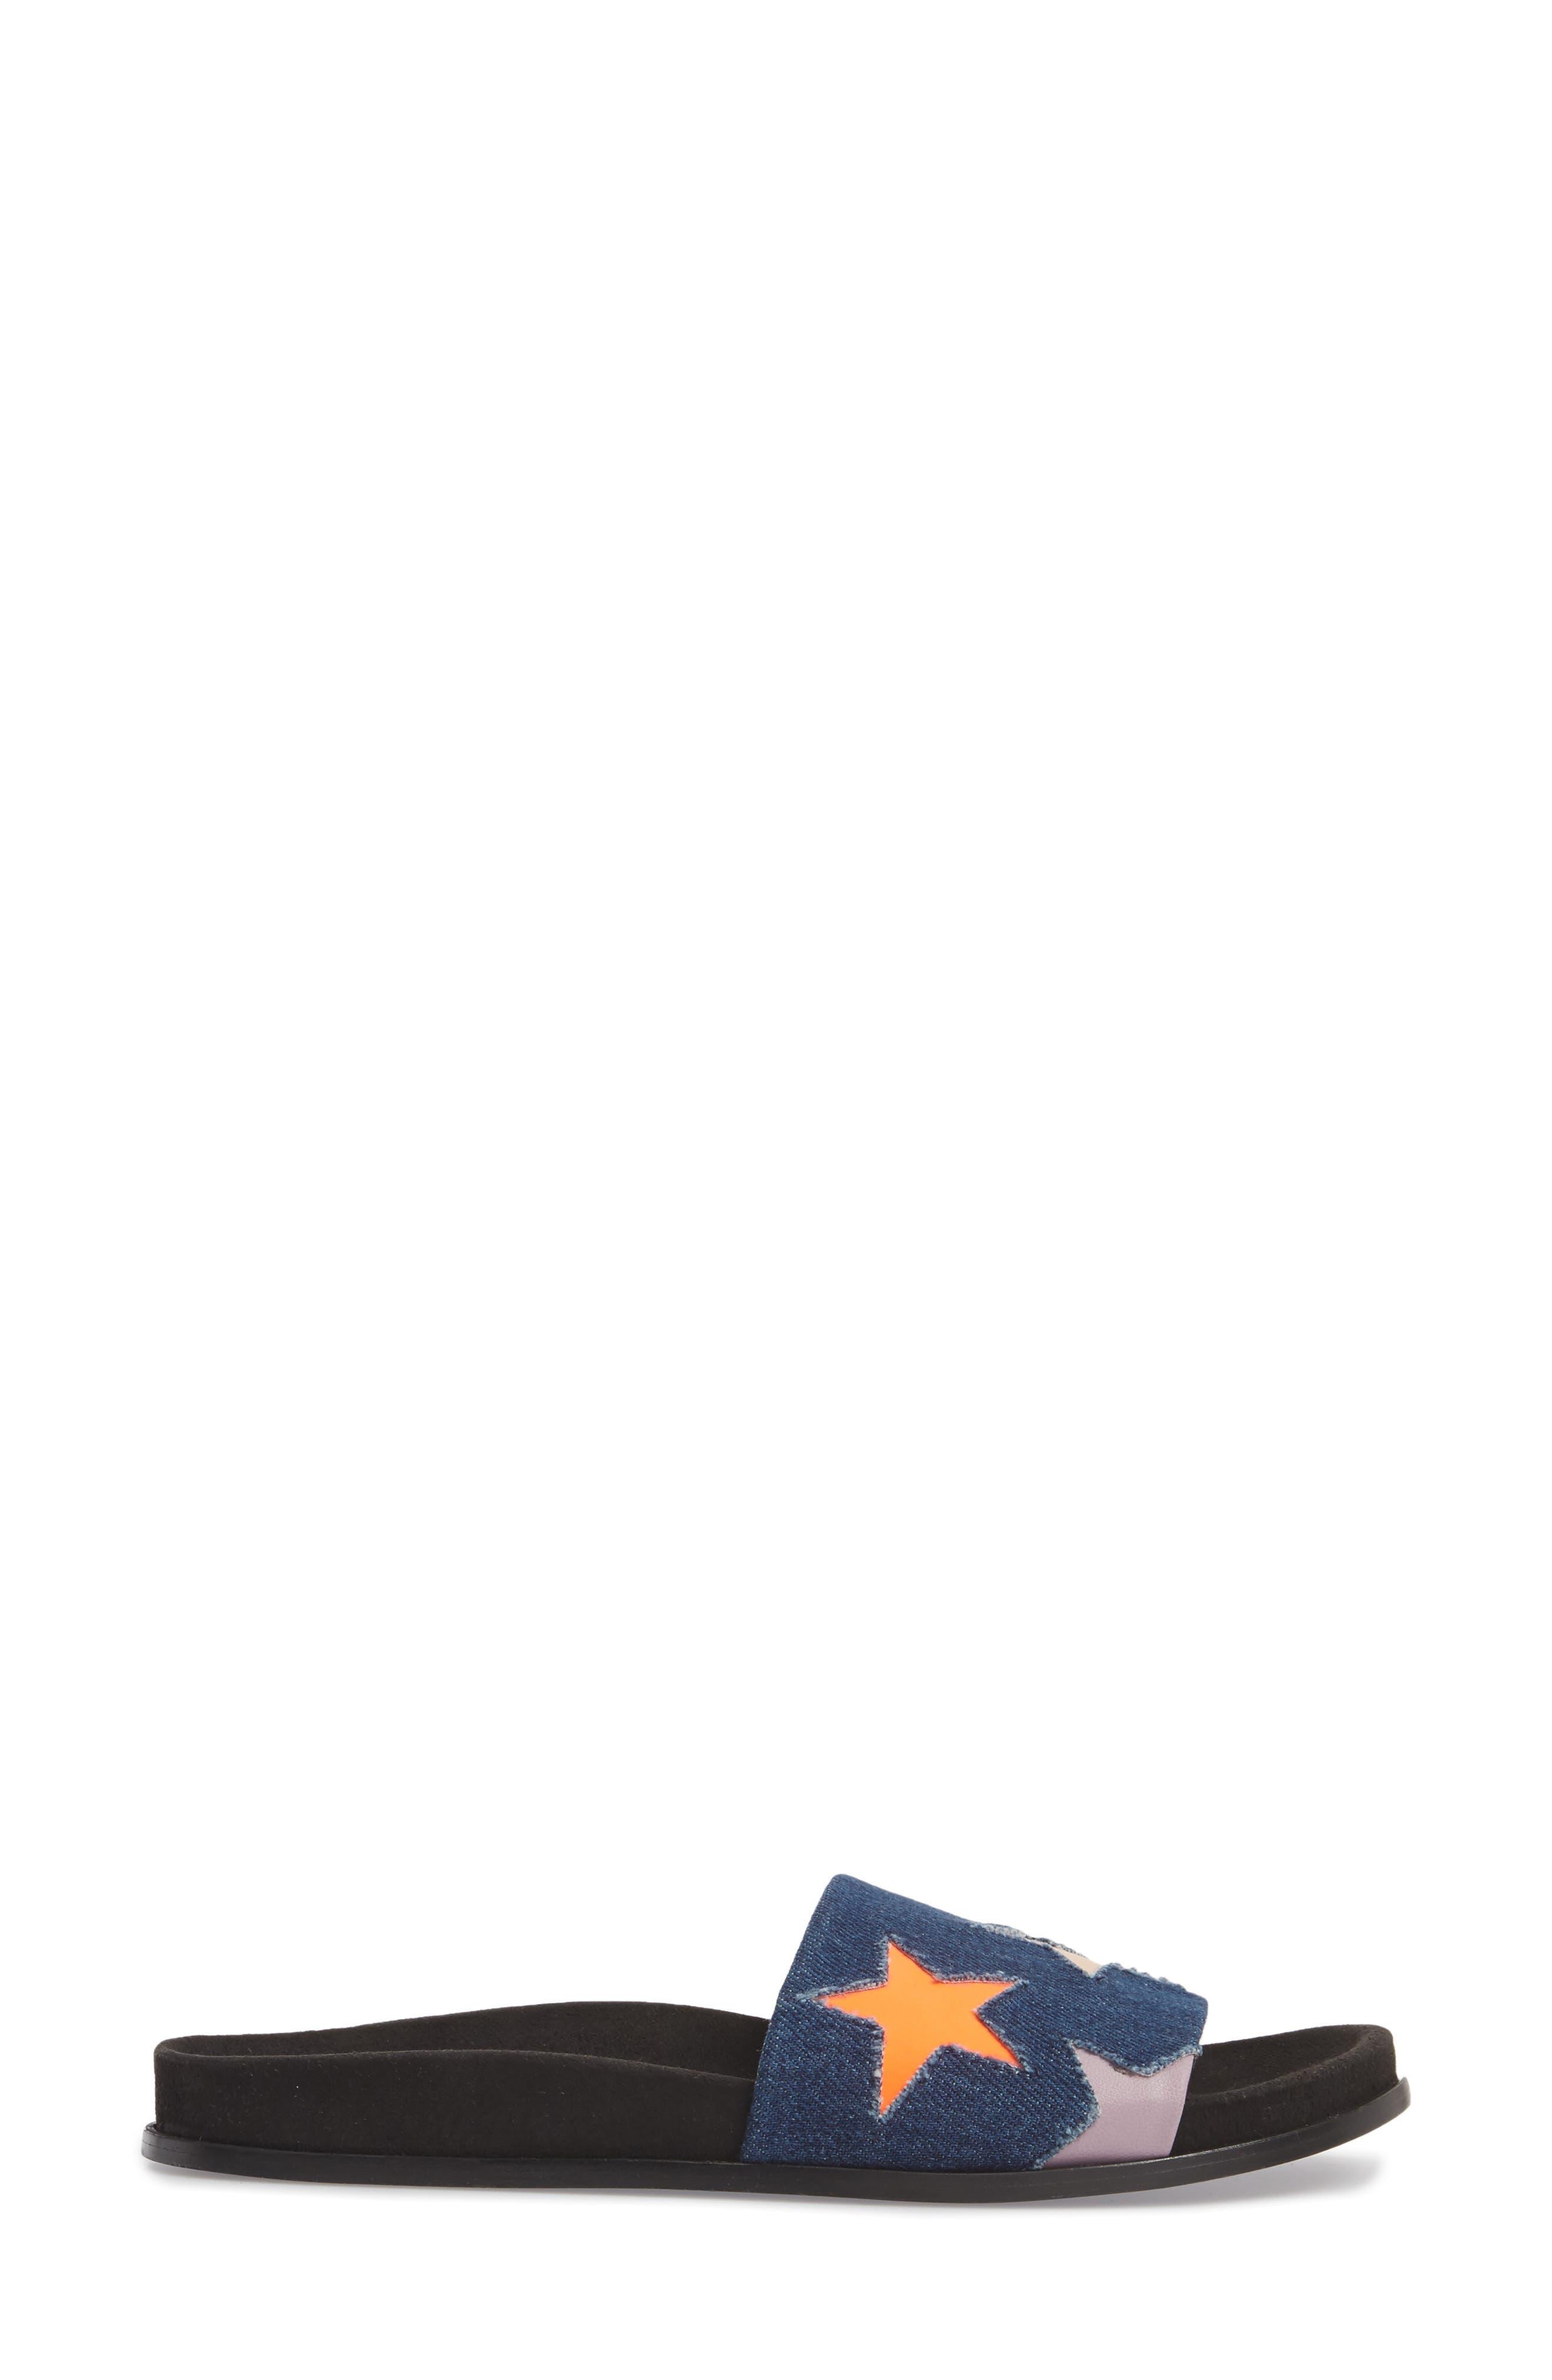 Star Slide Sandal,                             Alternate thumbnail 3, color,                             Navy